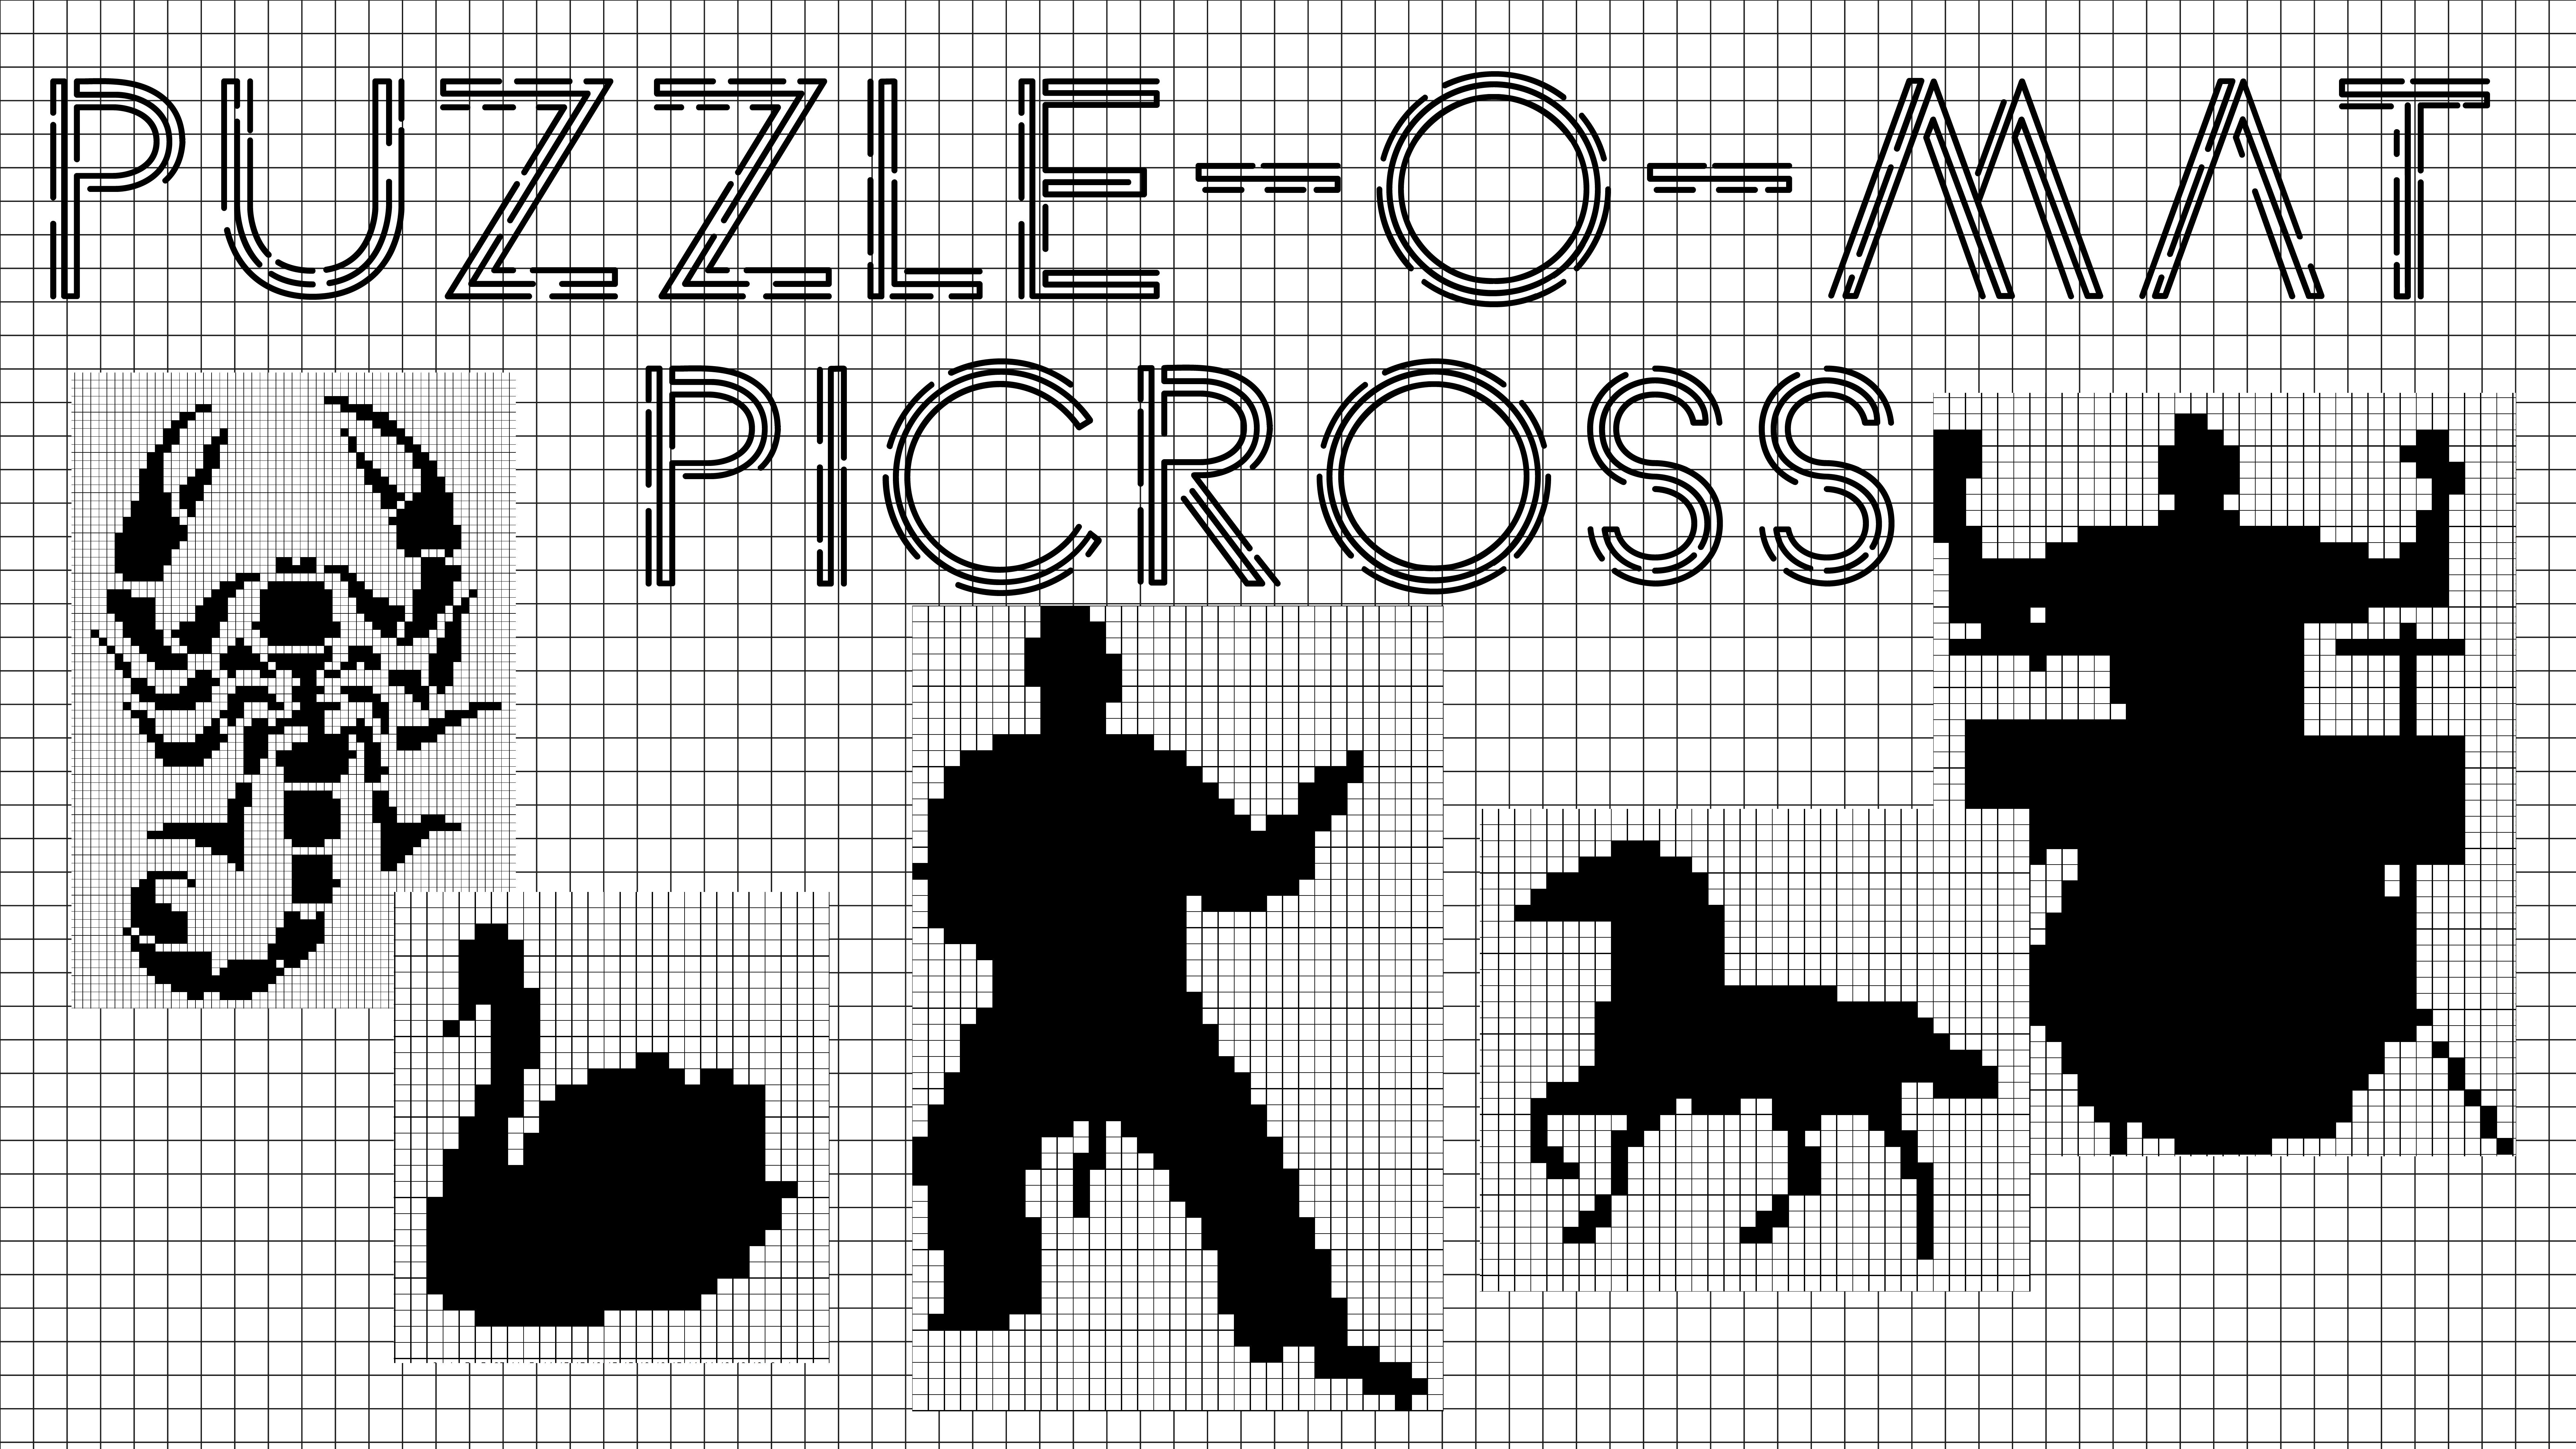 Puzzle Maker Nonogram Introduction | Designing For Print On Demand - Puzzle Print On Demand